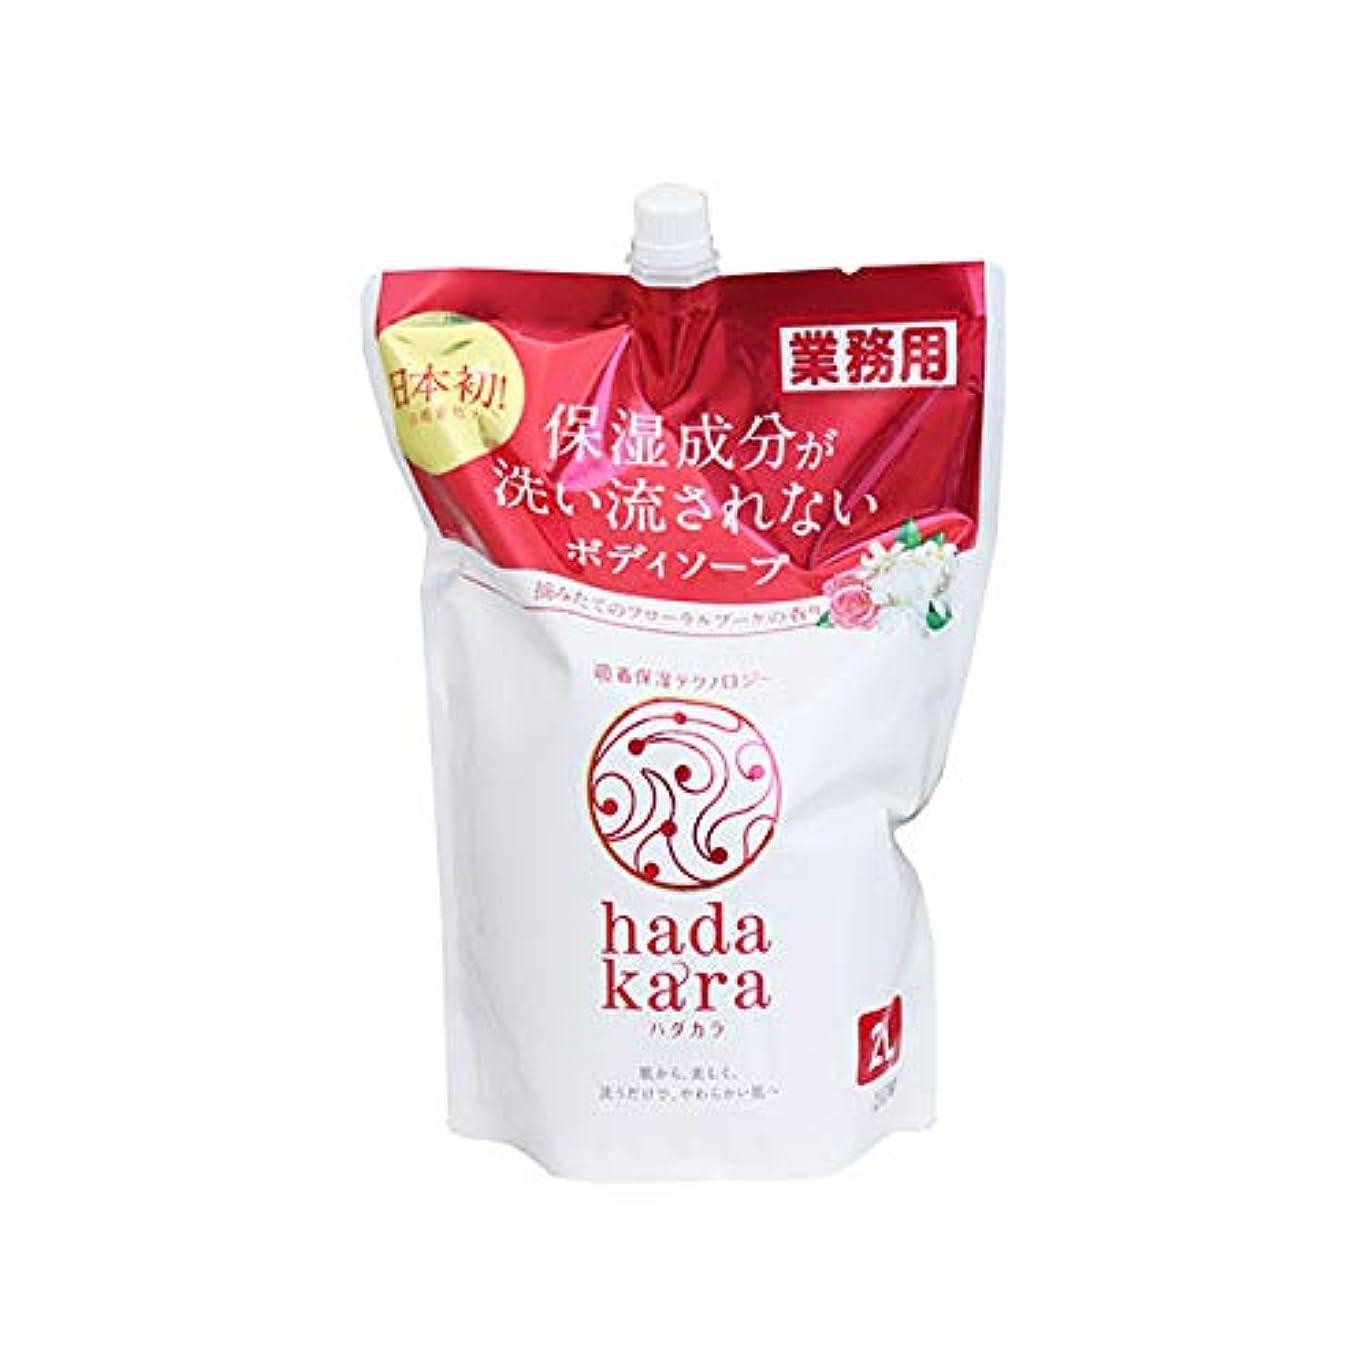 シンプルさ特徴づける提供された業務用 ボディーソープ ハダカラ hadakara ボディソープ フローラルブーケの香り 2LX6本 ライオン